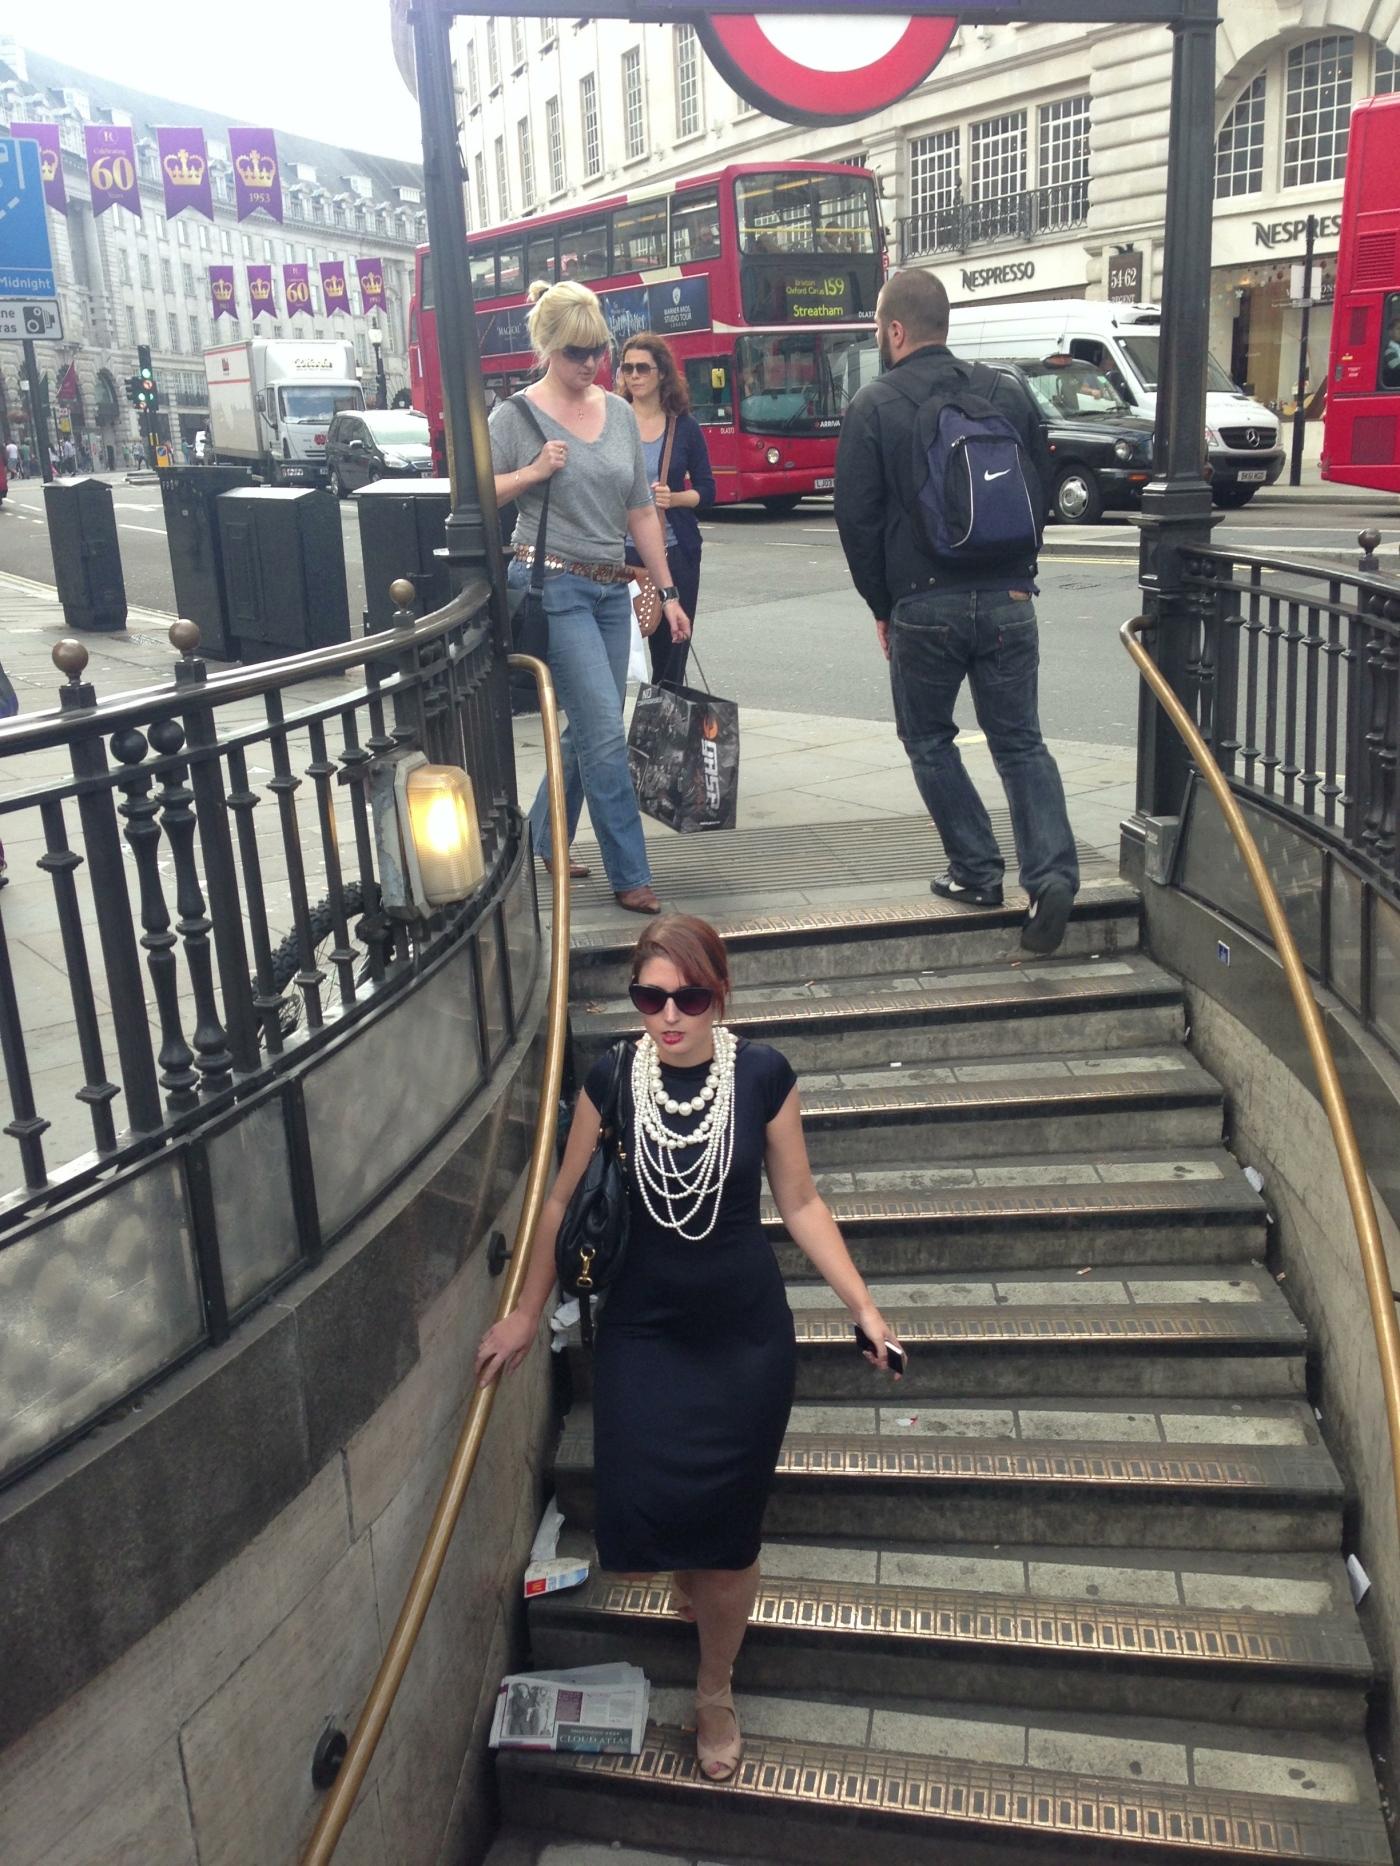 London Underground women's fashion dress